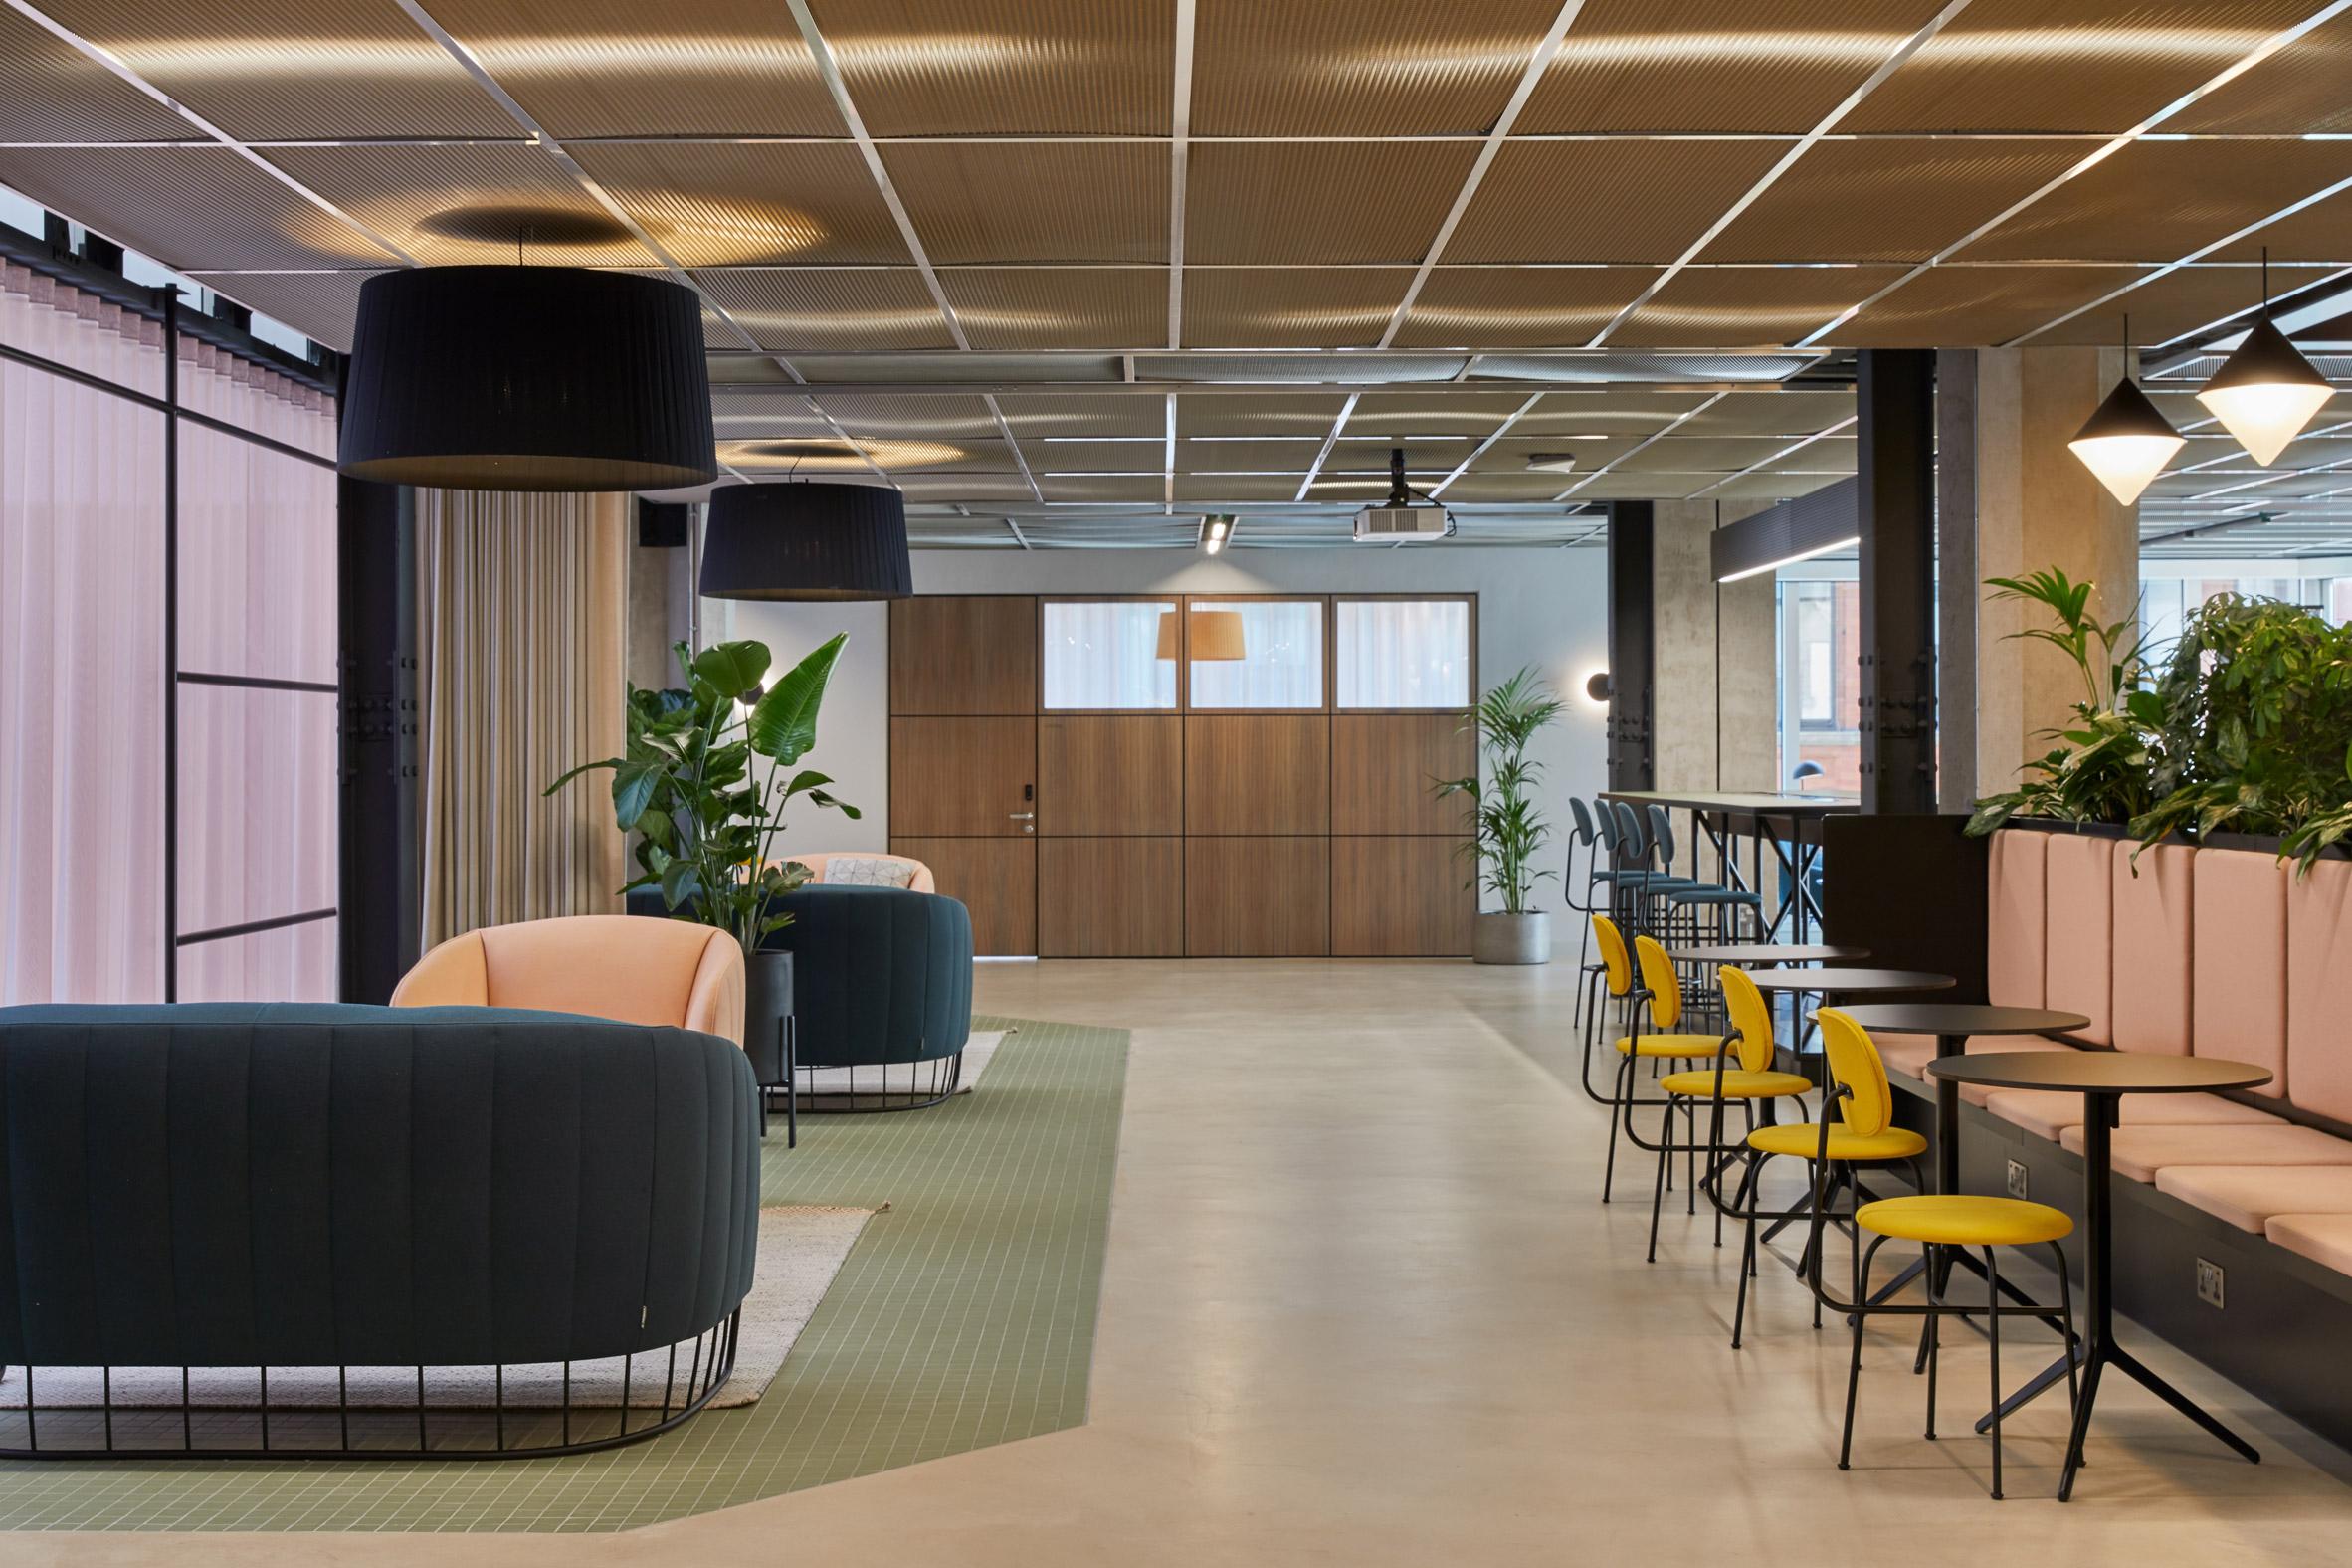 MYO office in 123 Victoria Street, designed by by Soda